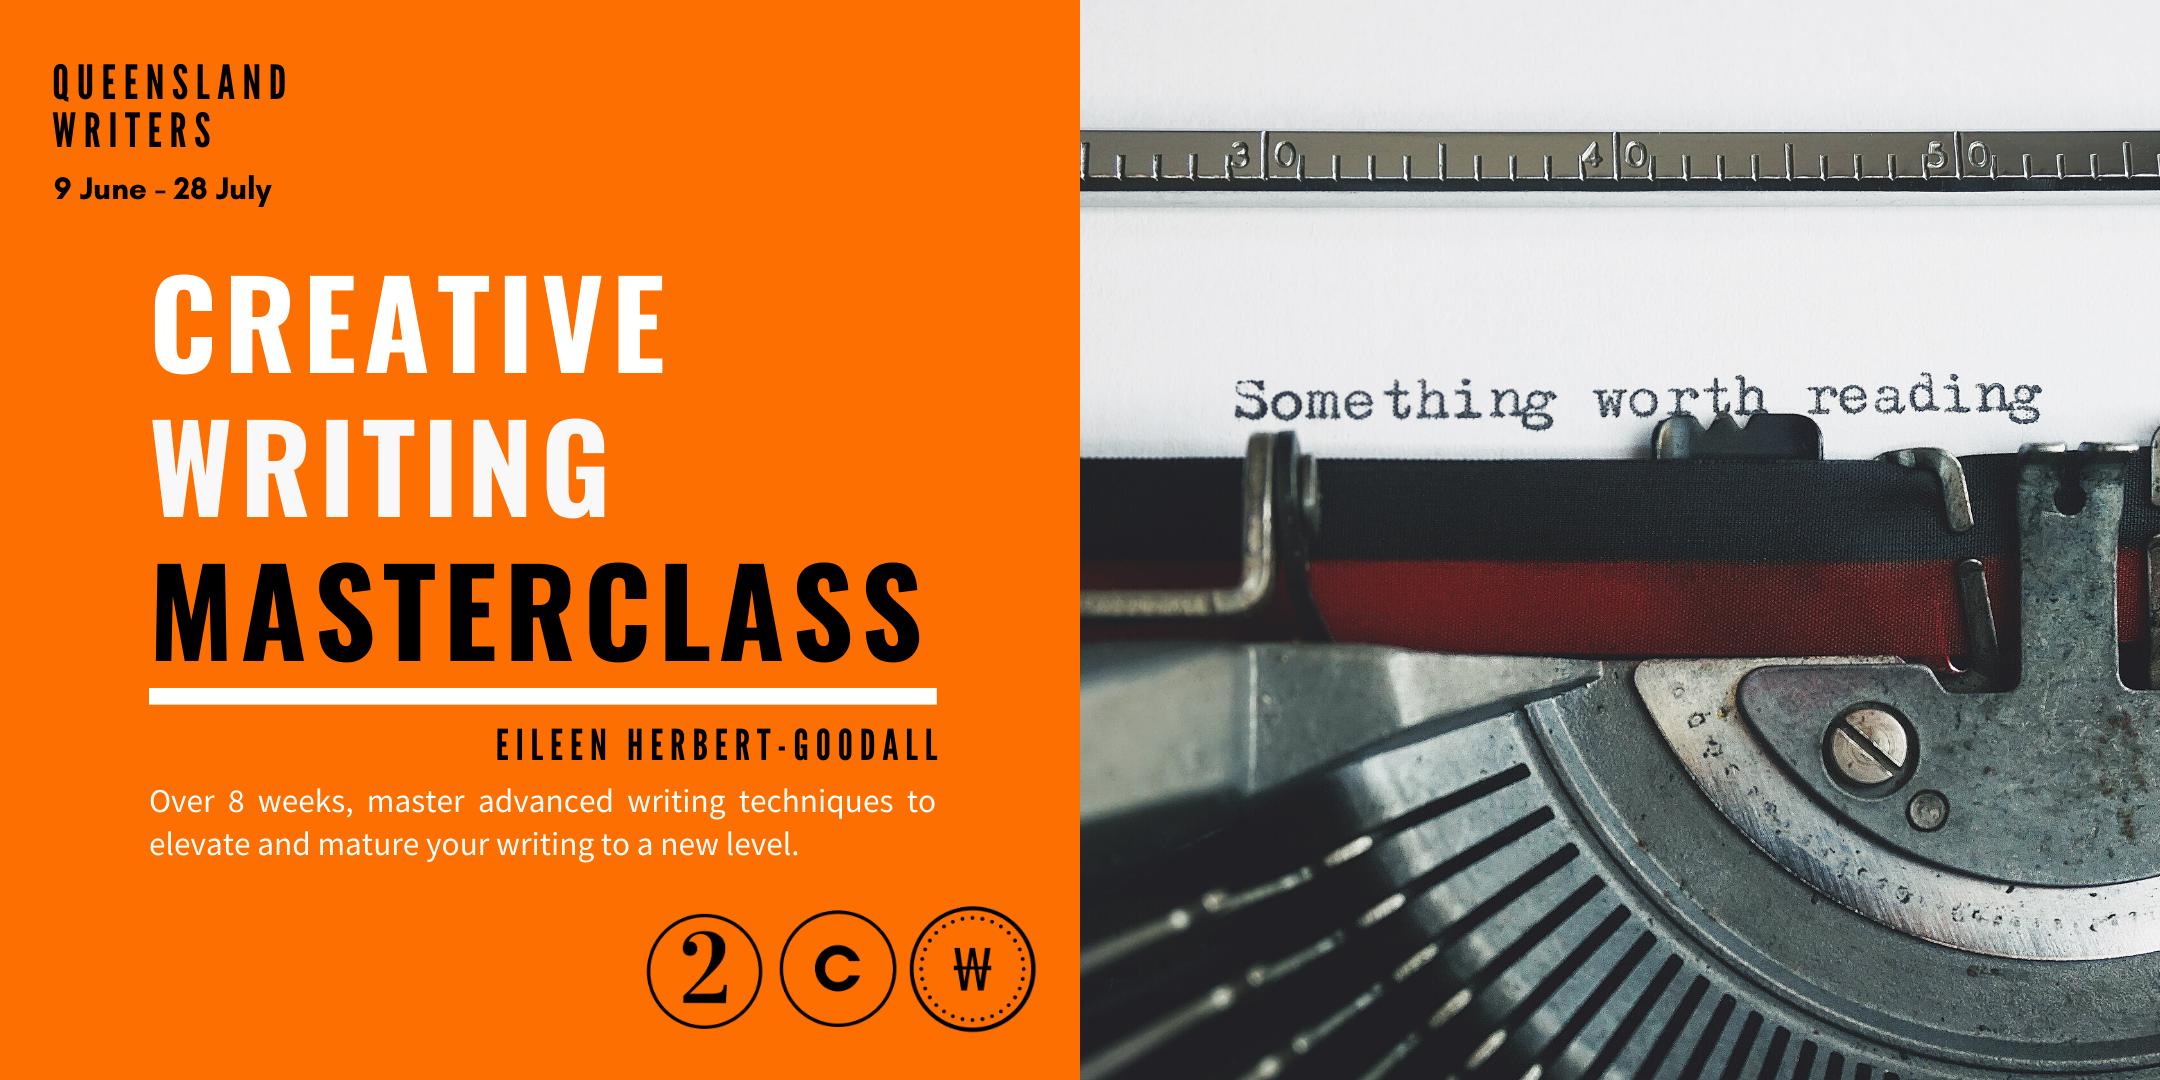 Creative Writing Masterclass with Eileen Herbert-Goodall